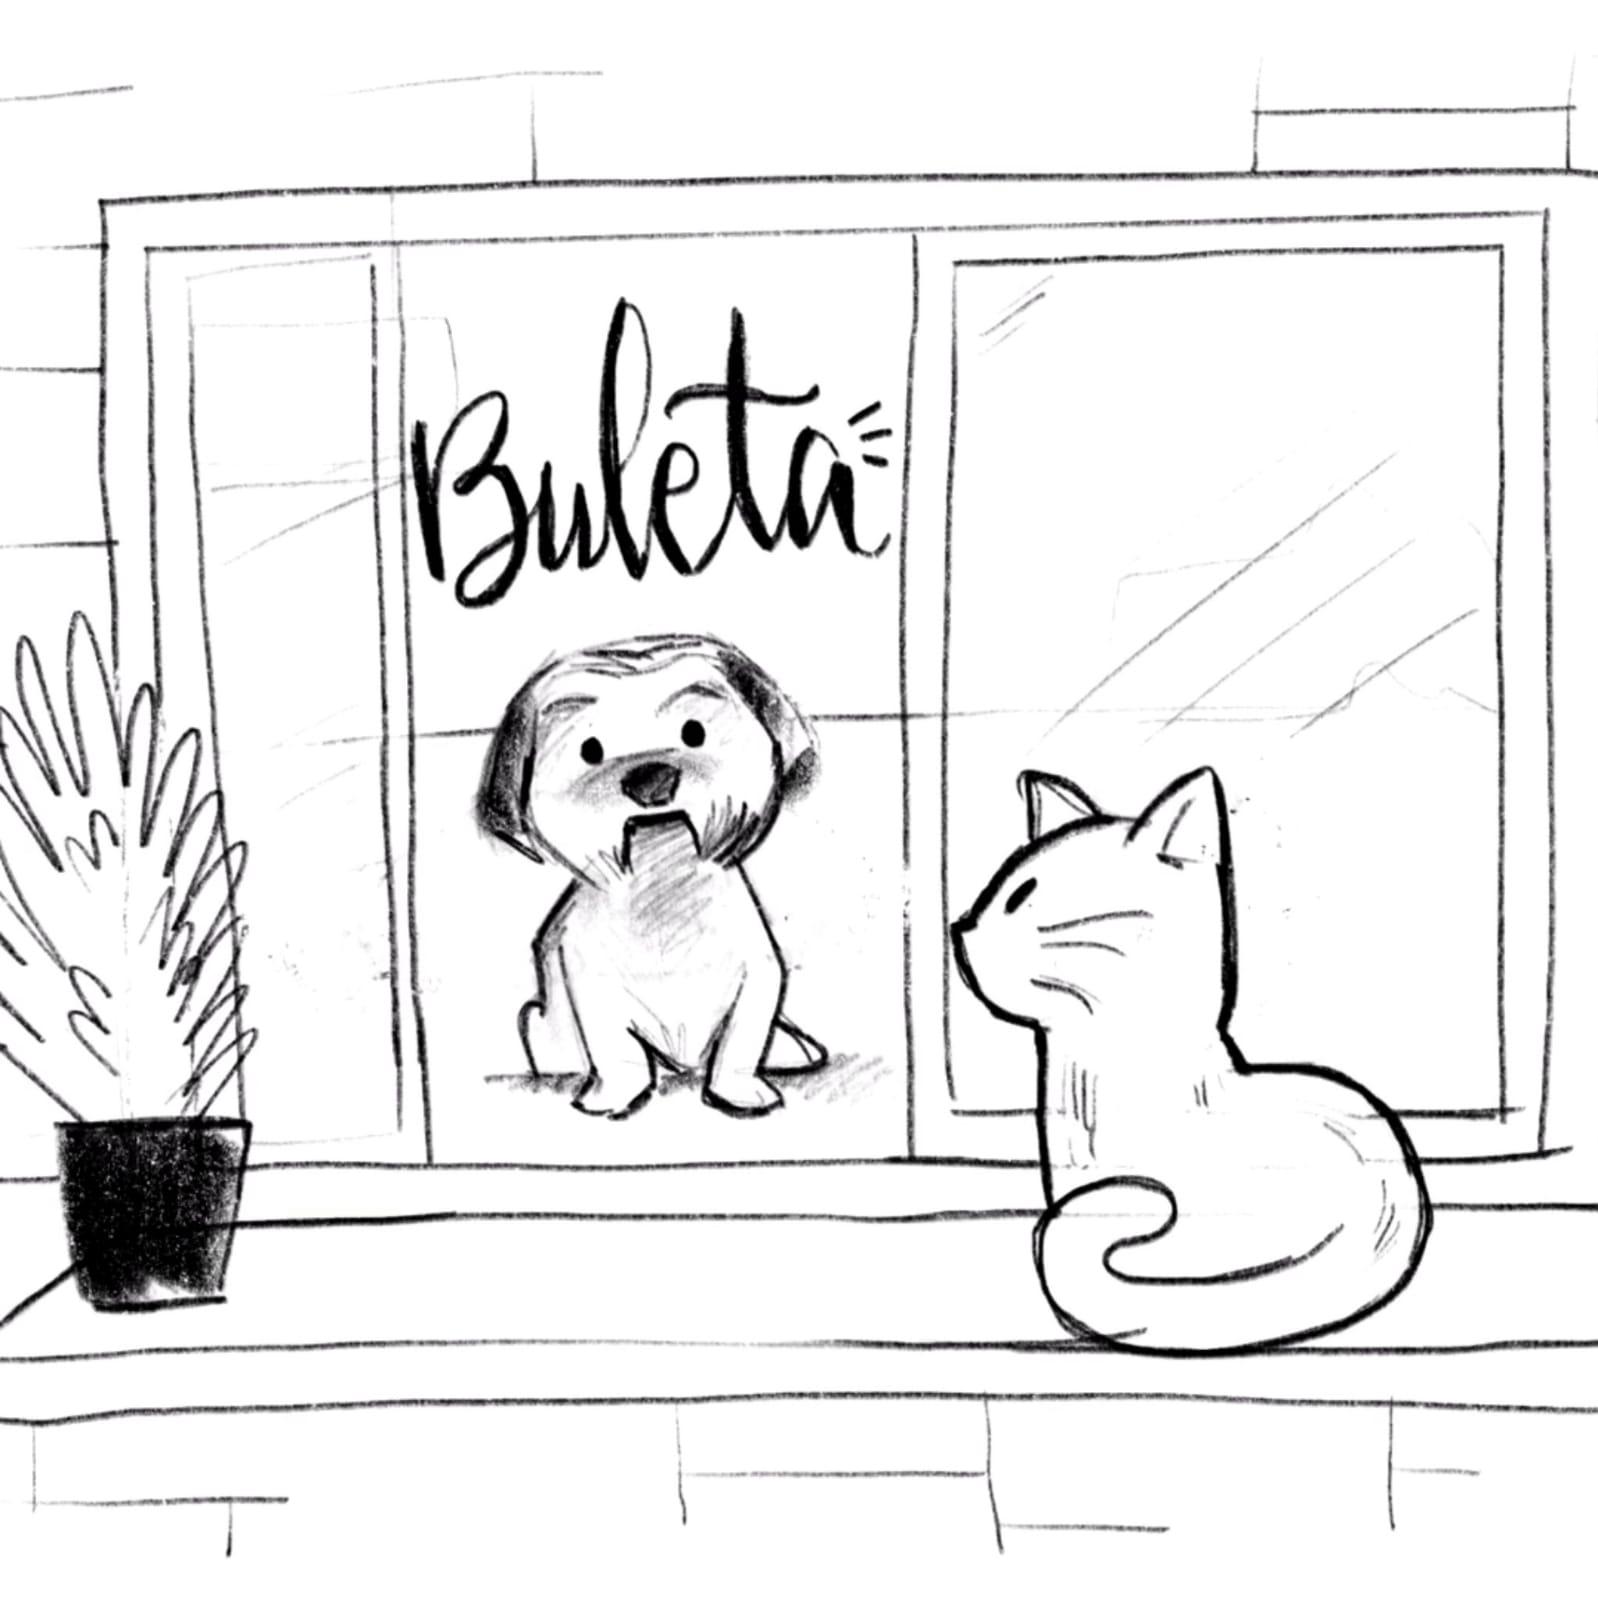 Ruli & Buleta, me pareció ver a un lindo gatito